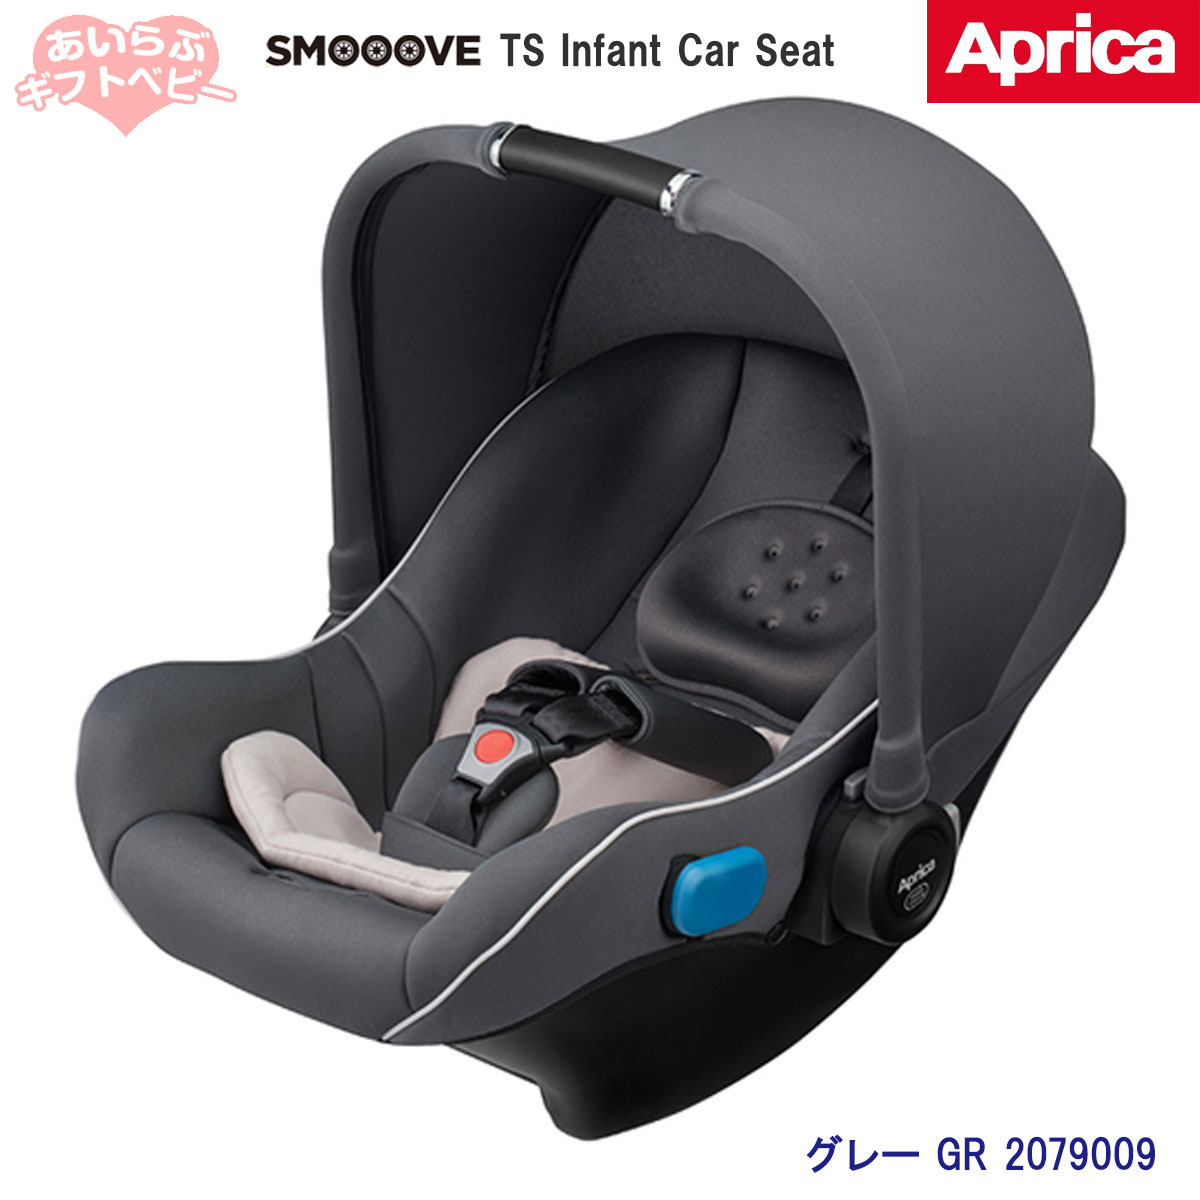 【送料無料】アップリカ スムーヴ TS インファントカーシートAB グレー GR 2079009 / チャイルドシート Aprica SMOOVE SMOOOVE 5wayトラベルシステム 【新生児から1歳頃まで】